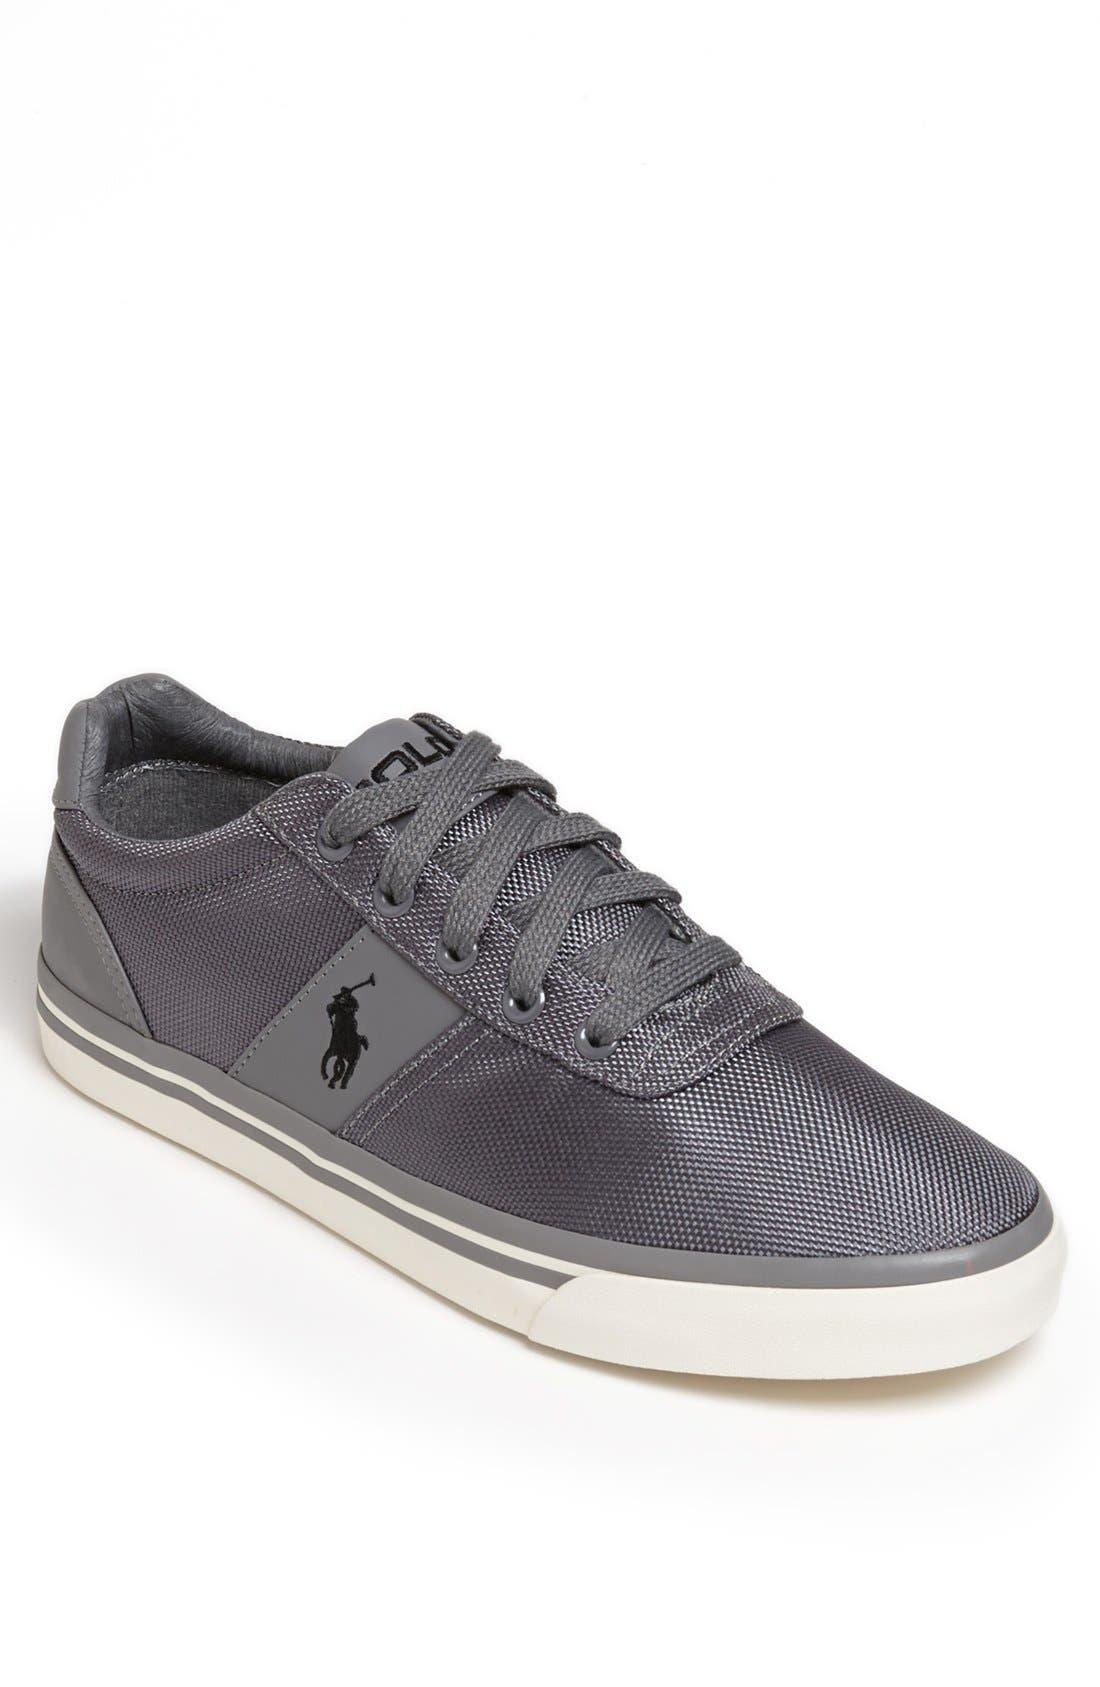 Alternate Image 1 Selected - Polo Ralph Lauren 'Hanford' Sneaker (Men)